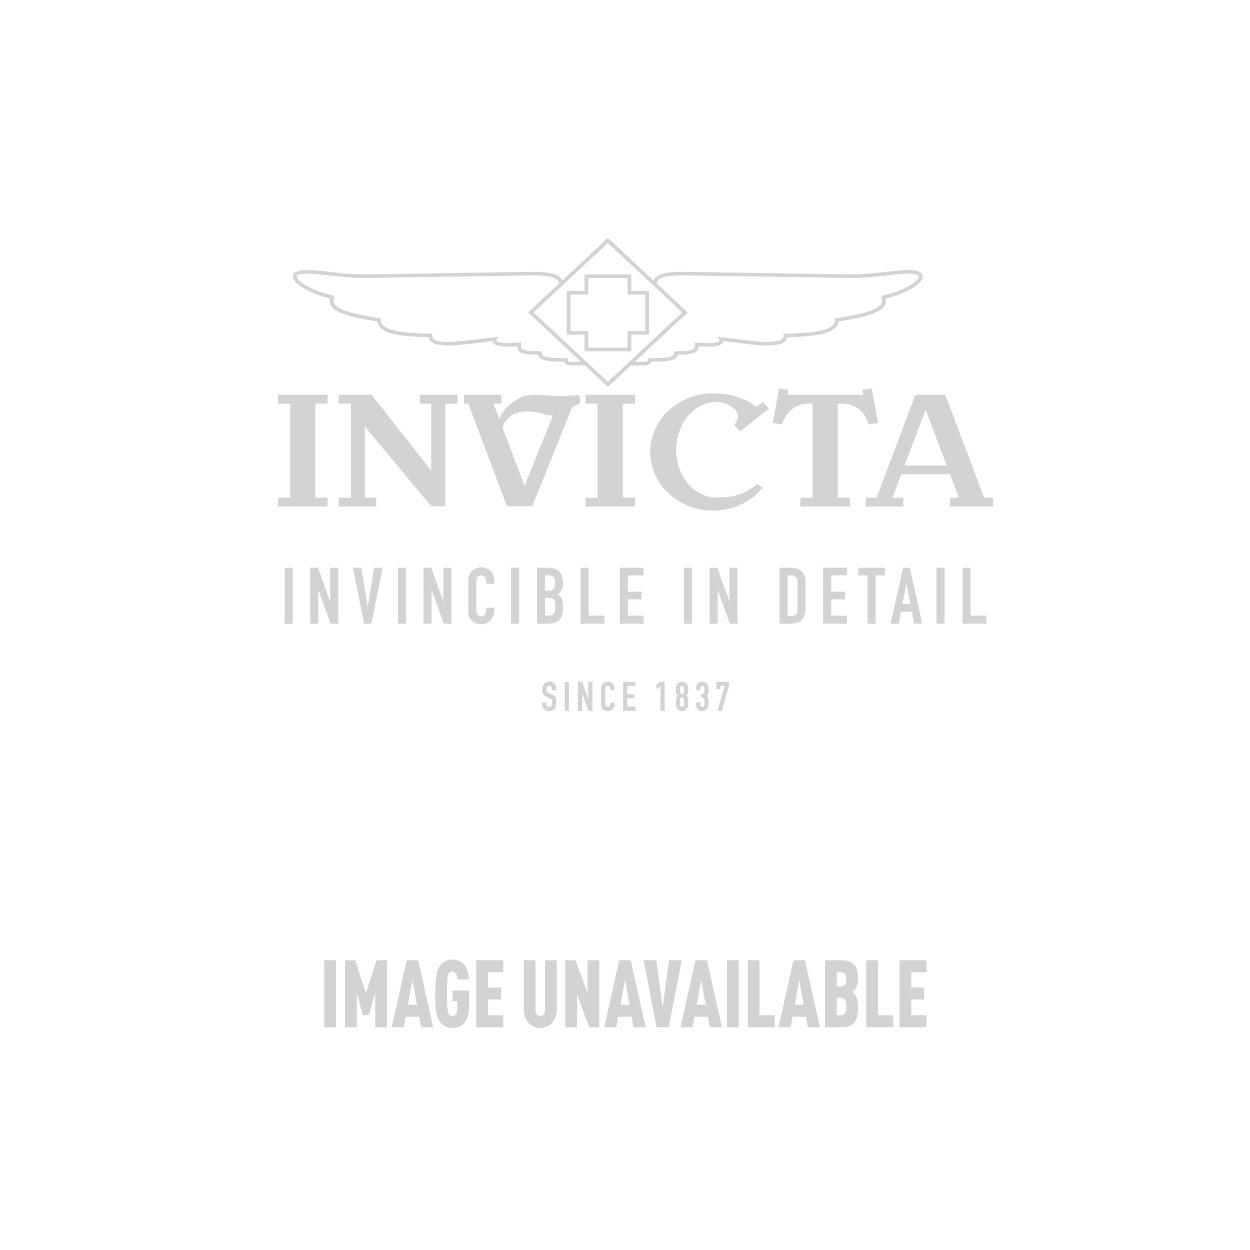 Invicta Model 23893